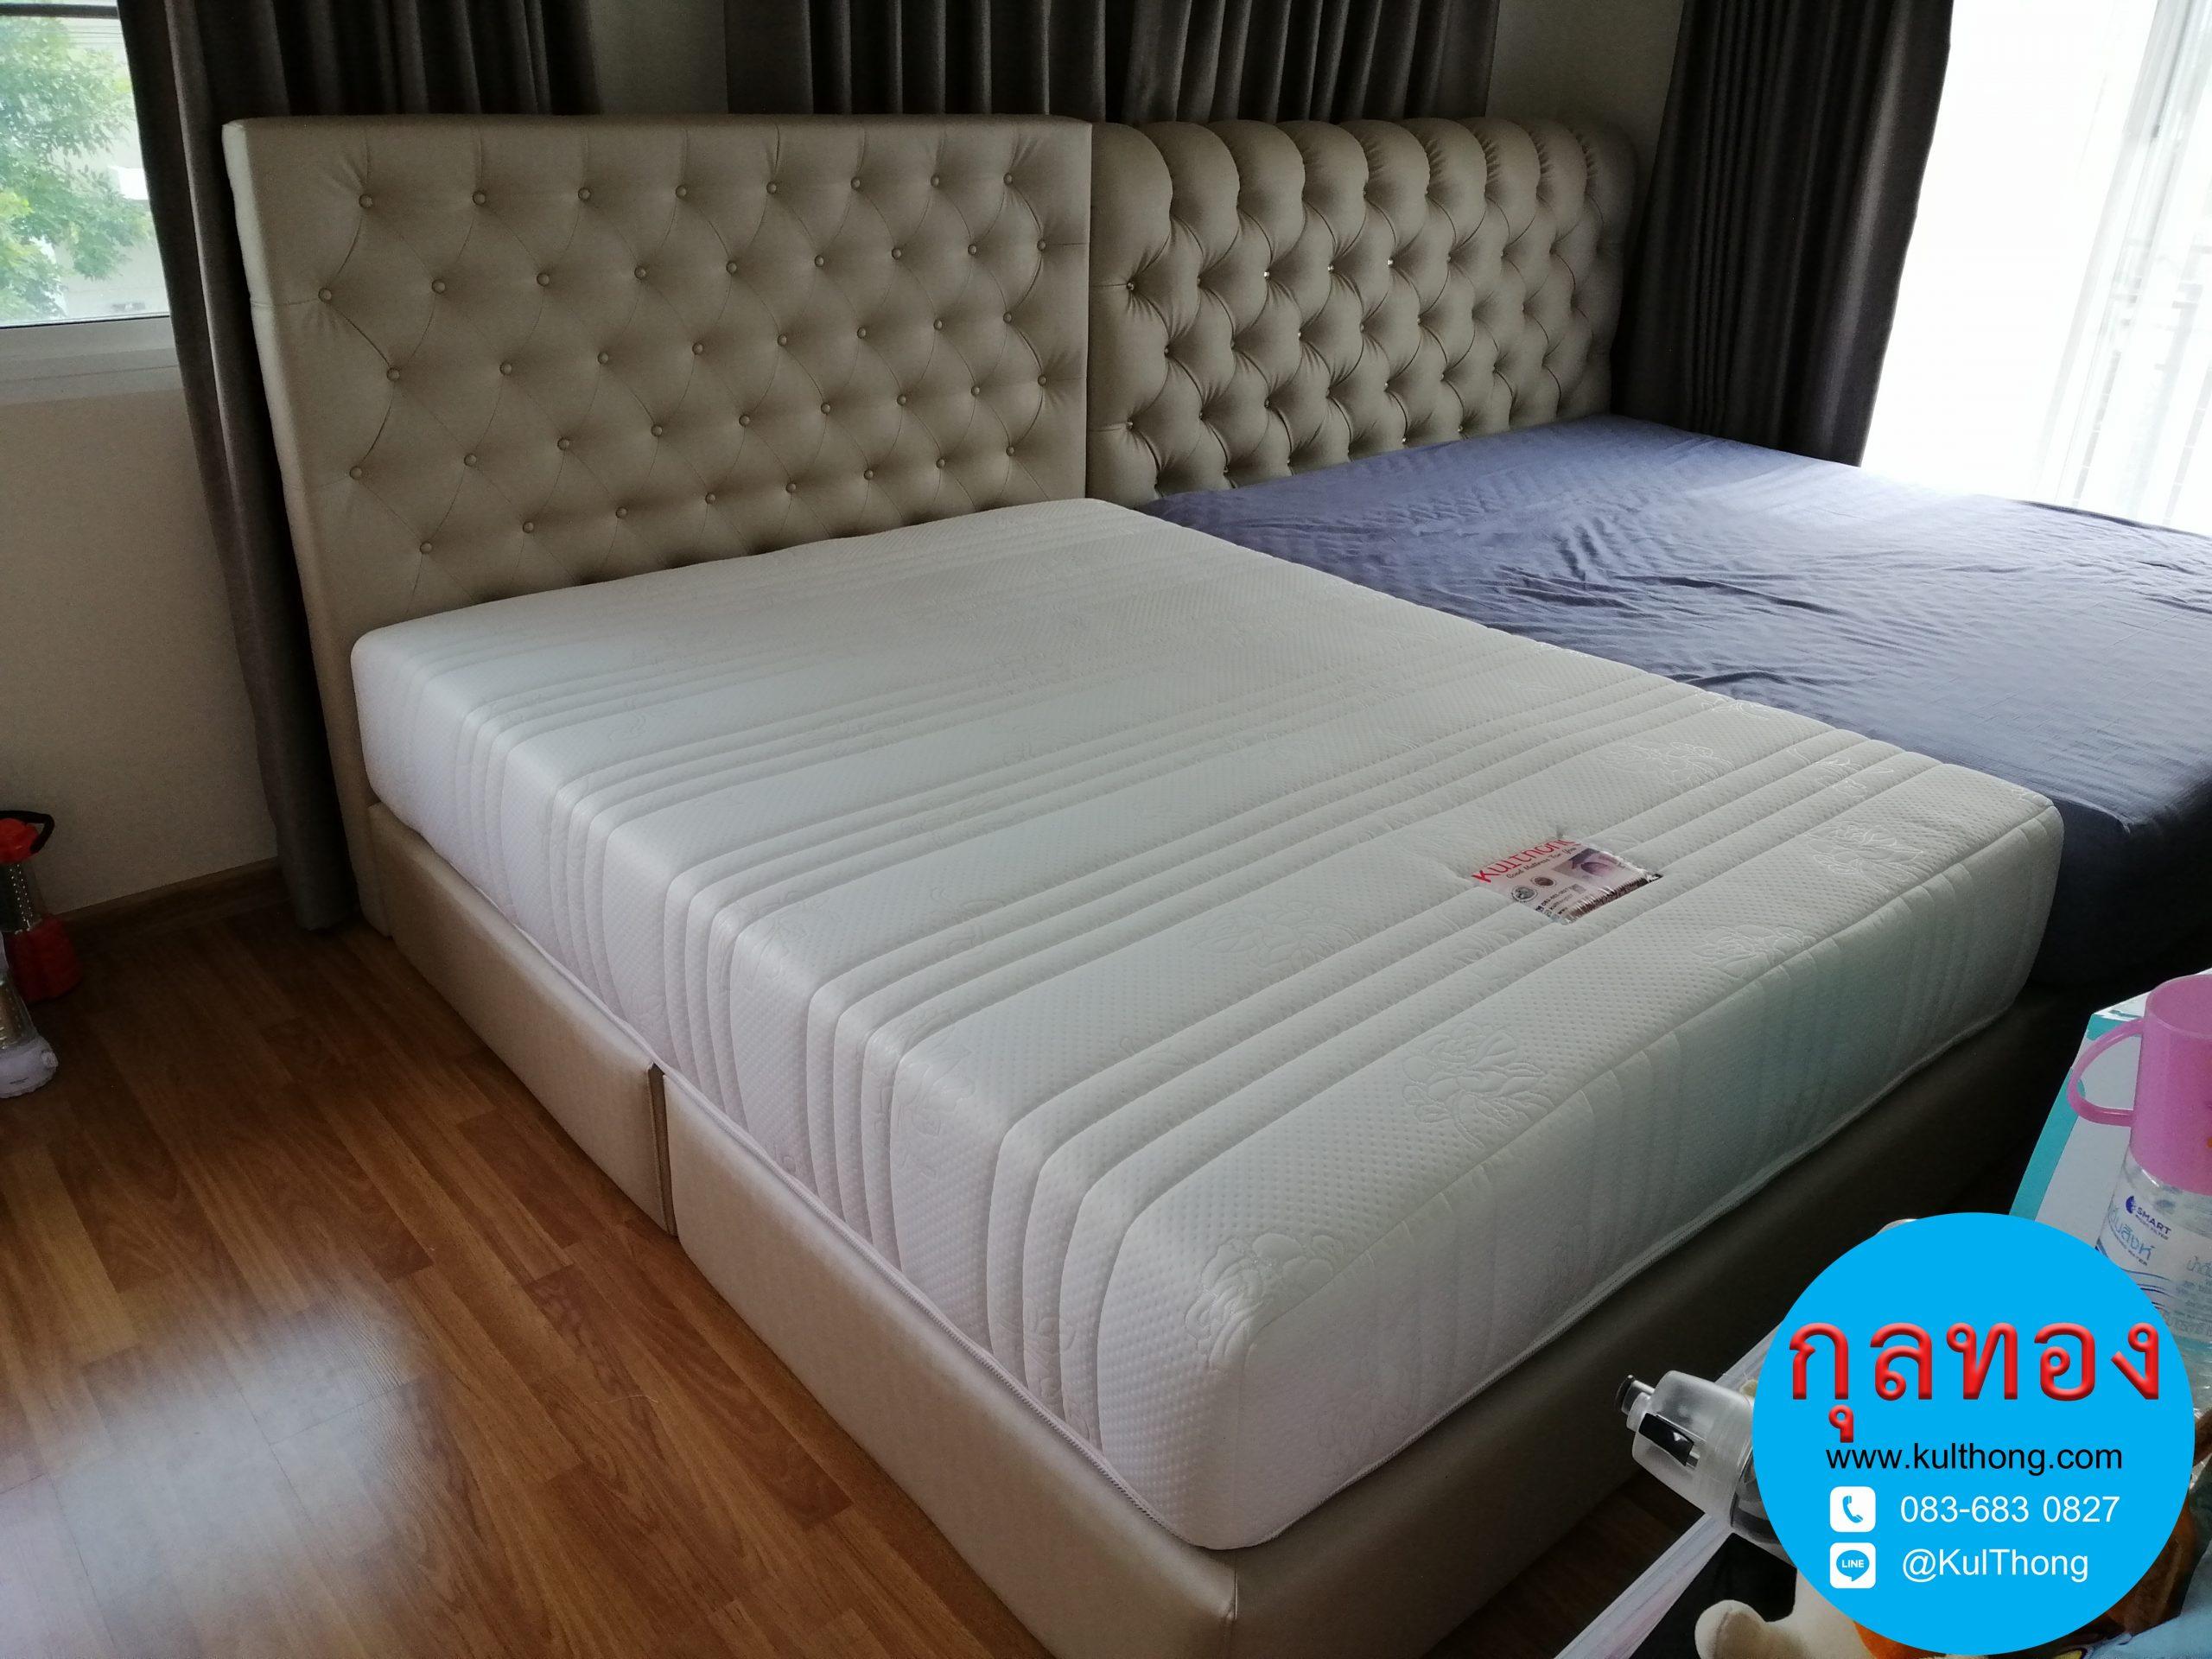 เตียงดึงกระดุม เตียงดีไซน์ เตียงบล๊อค ฐานรองที่นอน เตียงสั่งทำ